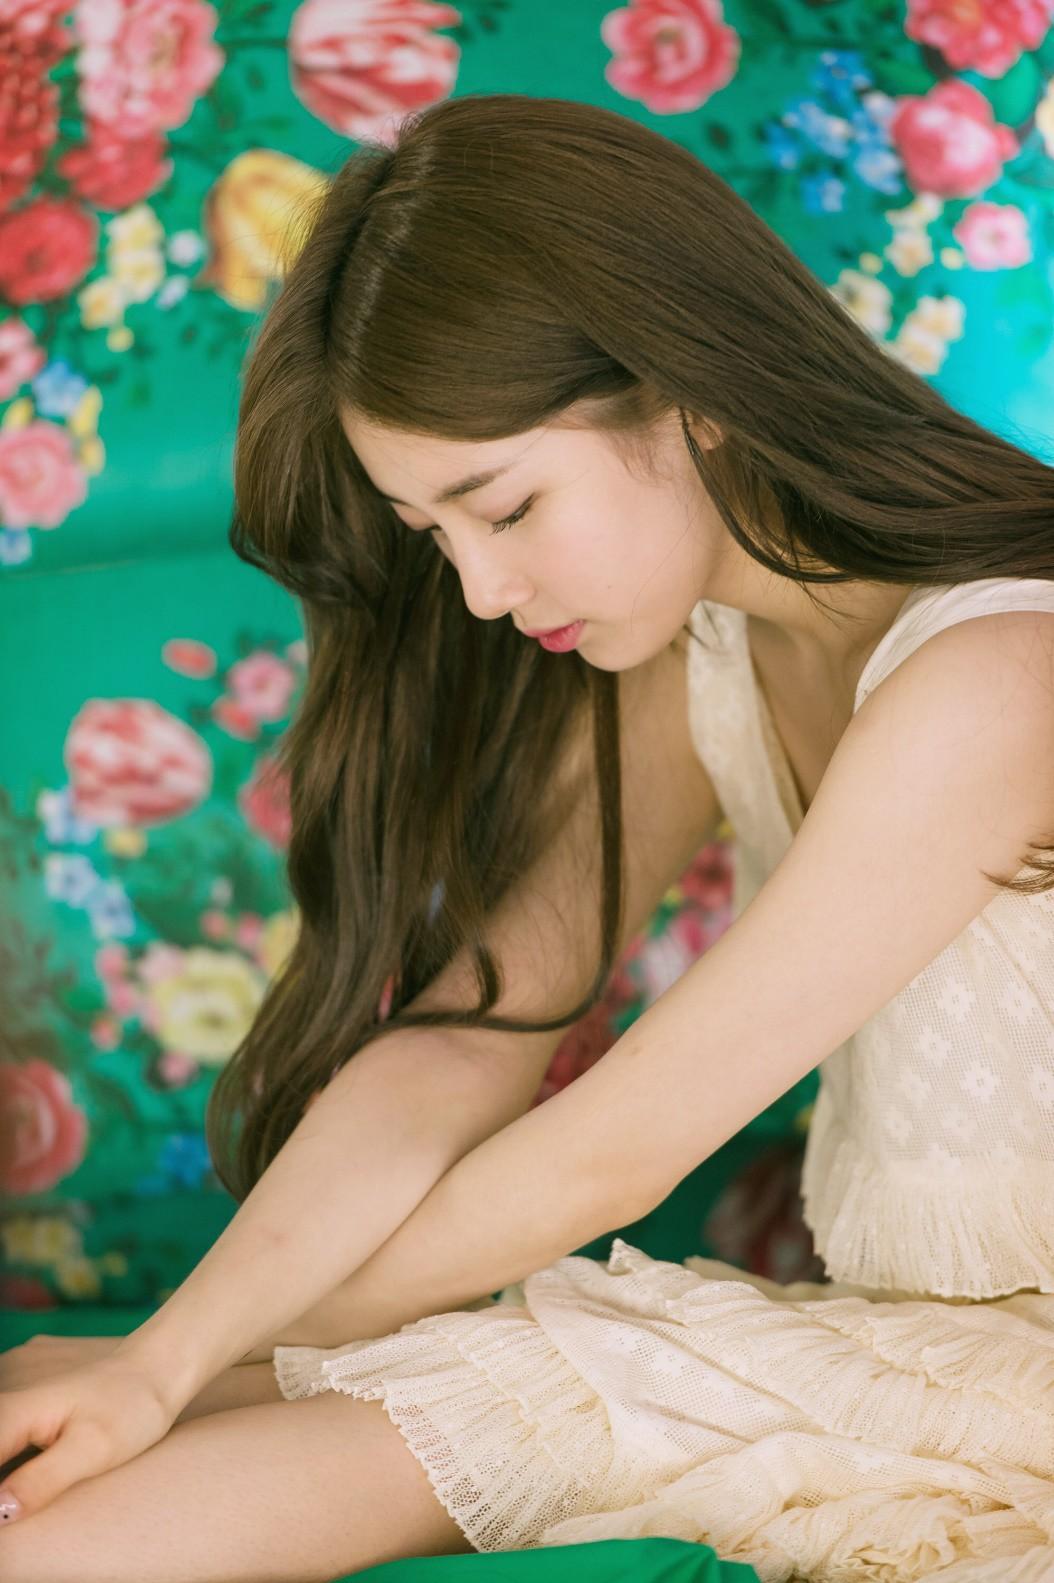 Nhan sắc tuyệt đỉnh hàng đầu Hàn Quốc, Suzy và Lee Dong Wook liệu sẽ soán ngôi Song Song về độ đẹp đôi? - Ảnh 7.